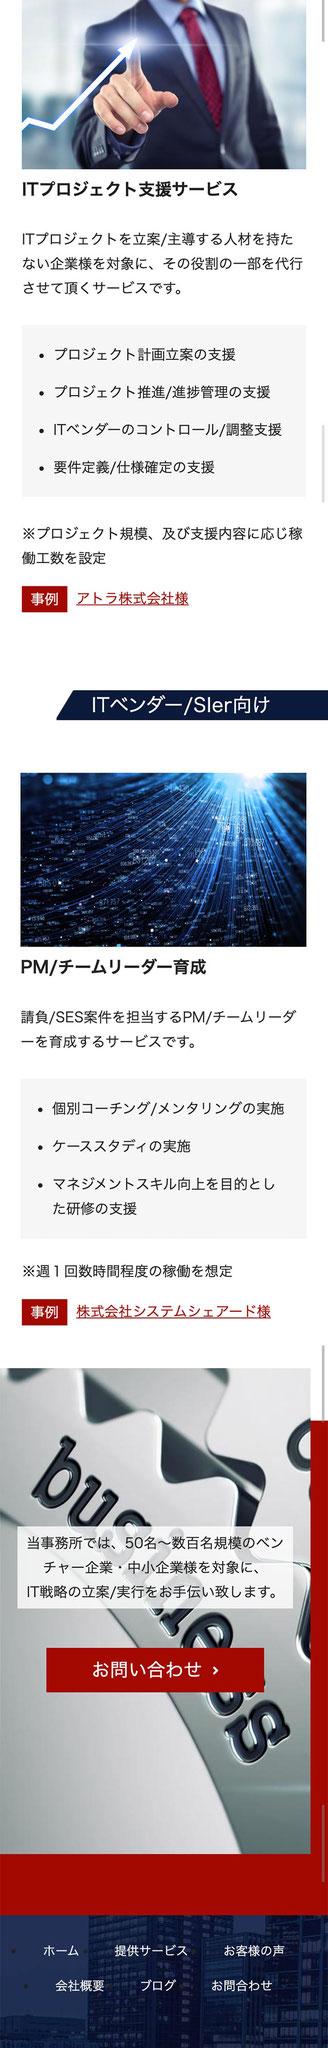 「提供サービス」ページのモバイル表示2